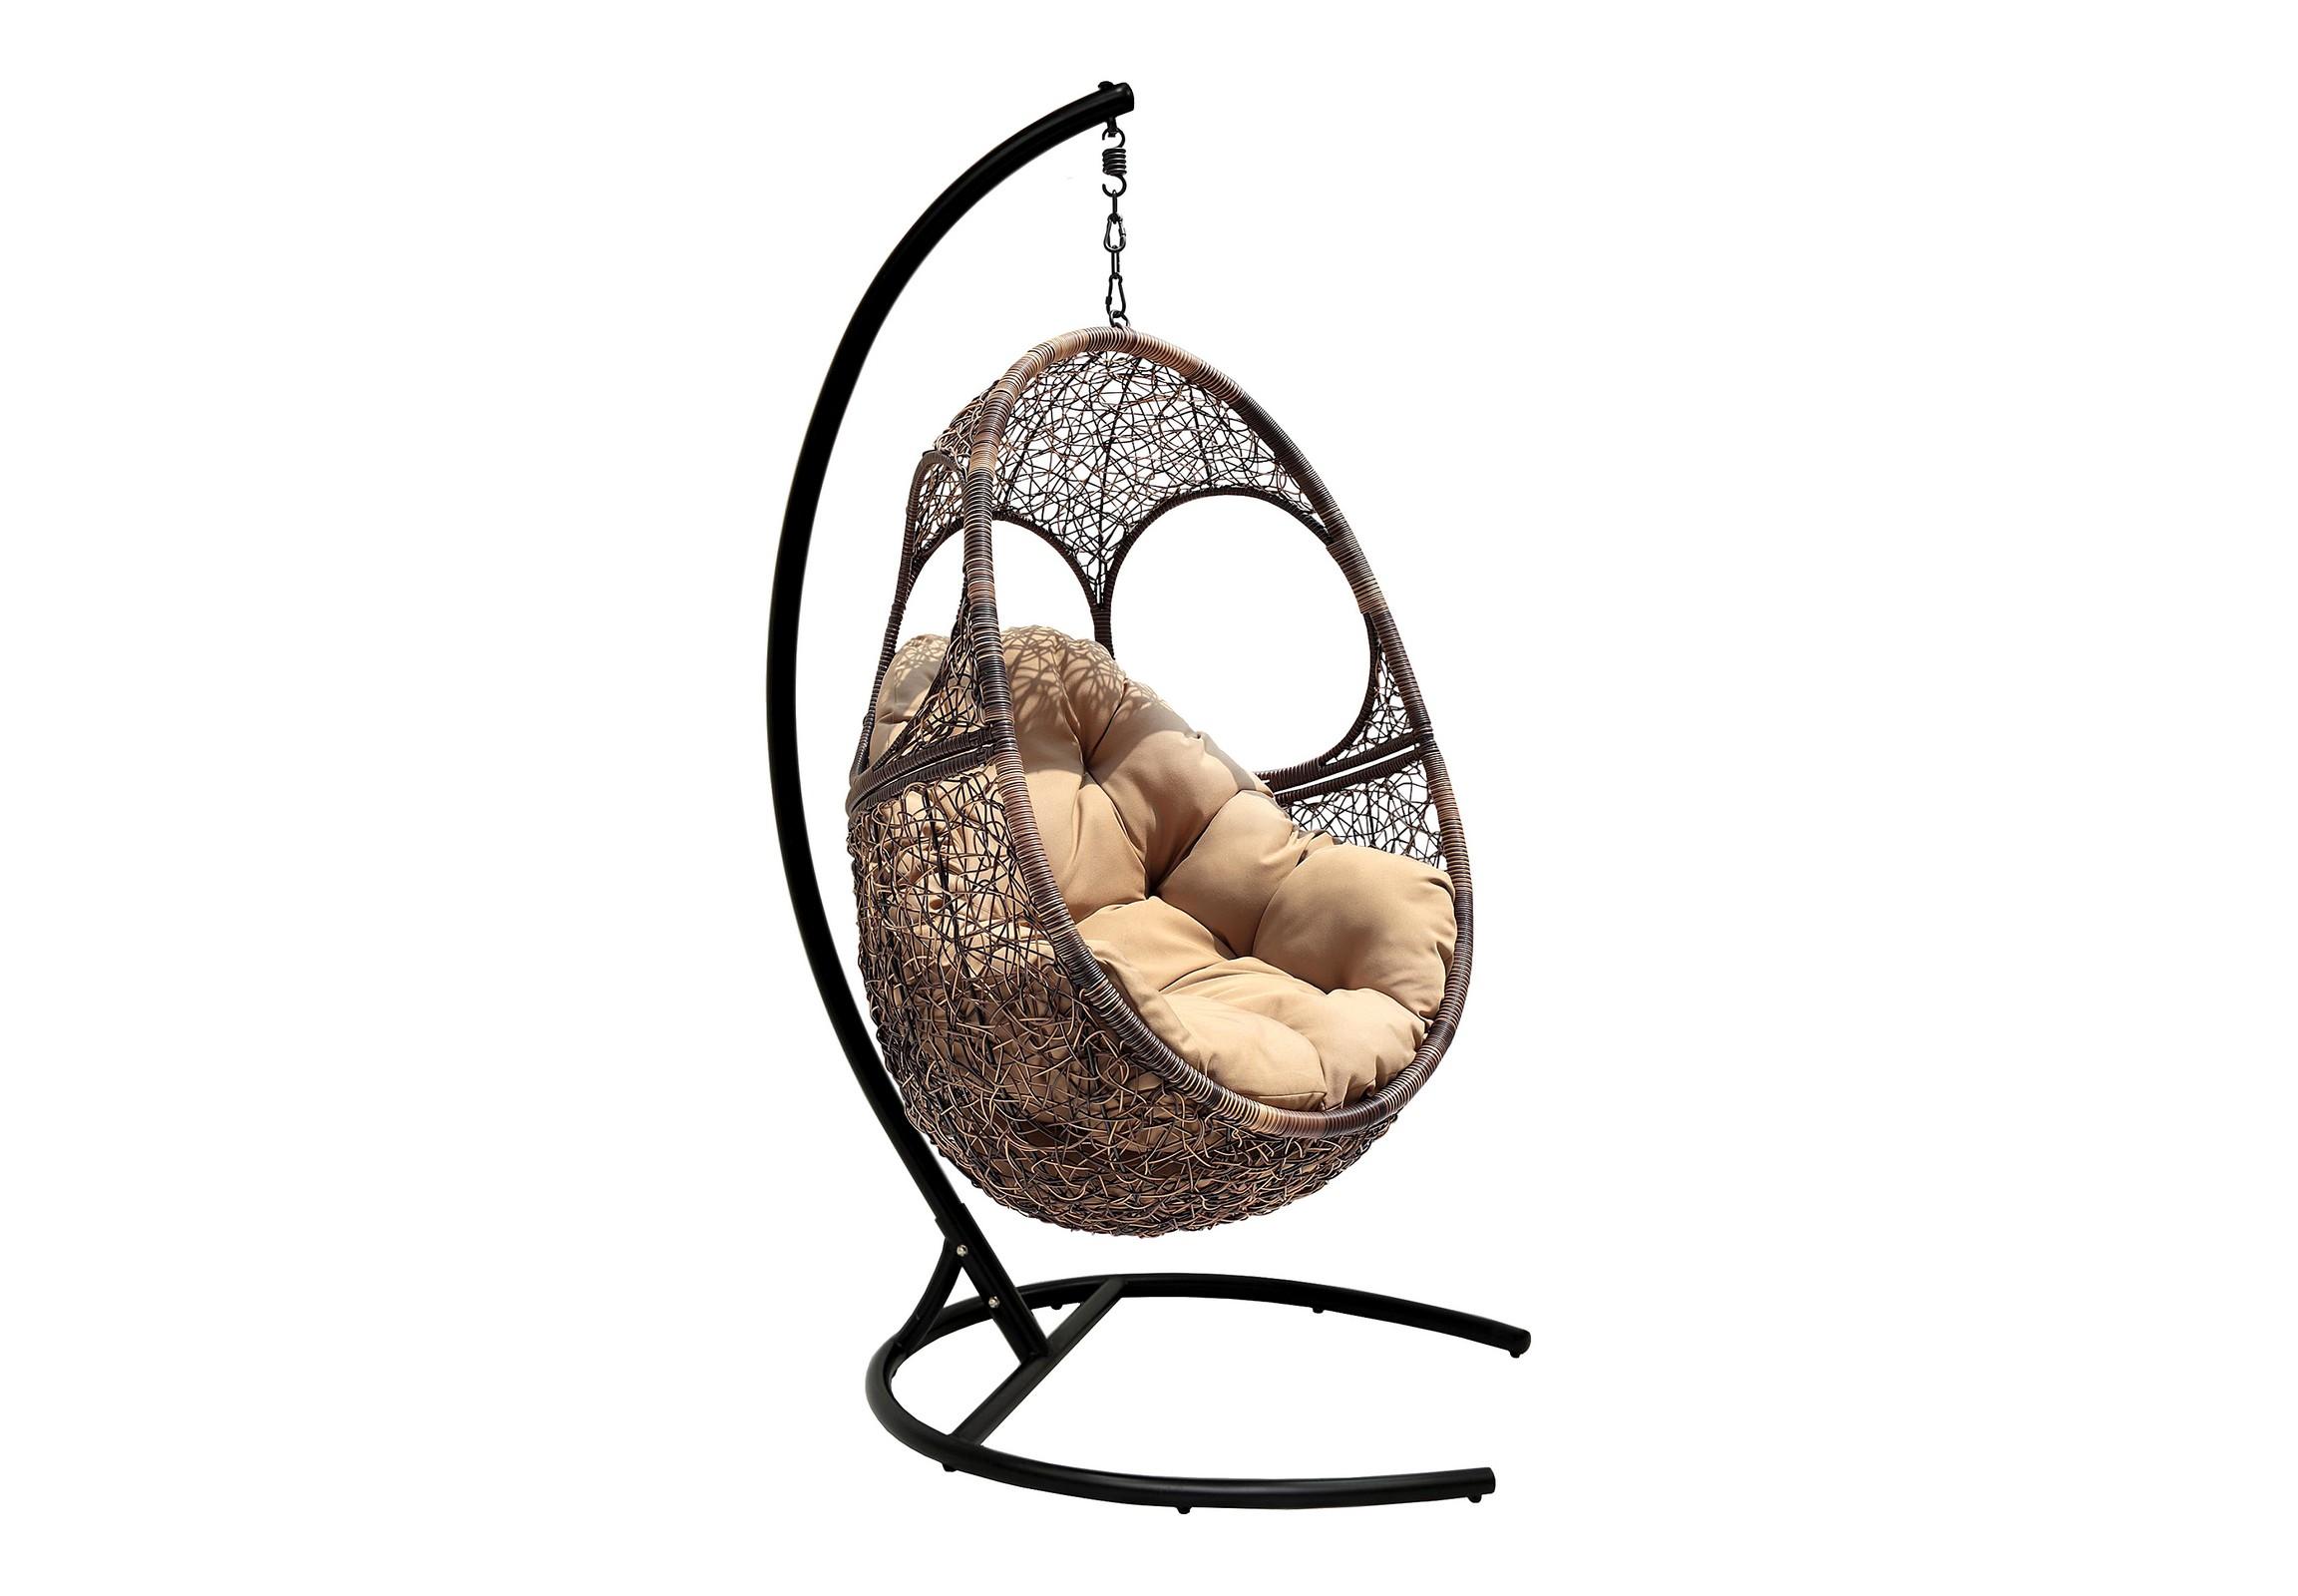 Кресло подвесное SolarПодвесные кресла<br>Подвесное кресло Solar - удобное кресло с оригинальным дизайном. Дизайн этой модели дает возможность запрокинуть голову или вытянуть руки, что делает его особенно комфортным. Сборка простая и не требует специальных навыков и умений.&amp;amp;nbsp;&amp;lt;span style=&amp;quot;line-height: 24.9999px;&amp;quot;&amp;gt;Конструкция кресла сборно-разборная, что выгодно сказывается на стоимости доставки.&amp;amp;nbsp;&amp;lt;/span&amp;gt;&amp;lt;div&amp;gt;&amp;lt;br&amp;gt;&amp;lt;/div&amp;gt;&amp;lt;div&amp;gt;Материал каркаса:  сталь&amp;amp;nbsp;&amp;lt;/div&amp;gt;&amp;lt;div&amp;gt;Оплетка:  круглый искусственный ротанг&amp;amp;nbsp;&amp;lt;/div&amp;gt;&amp;lt;div&amp;gt;Цвет каркаса:  черный&amp;amp;nbsp;&amp;lt;/div&amp;gt;&amp;lt;div&amp;gt;Выдерживаемая нагрузка, кг:  120&amp;amp;nbsp;&amp;lt;/div&amp;gt;&amp;lt;div&amp;gt;Размер чаши: 90х72х135 см&amp;amp;nbsp;&amp;lt;/div&amp;gt;&amp;lt;div&amp;gt;Размер основания: 103х123х195 см&amp;amp;nbsp;&amp;lt;/div&amp;gt;&amp;lt;div&amp;gt;Конструкция кресла:  сборно-разборное&amp;amp;nbsp;&amp;lt;/div&amp;gt;&amp;lt;div&amp;gt;Обьем, м3:  0,4&amp;amp;nbsp;&amp;lt;/div&amp;gt;&amp;lt;div&amp;gt;Вес, кг:  34&amp;lt;/div&amp;gt;<br><br>Material: Ротанг<br>Width см: 90<br>Depth см: 72<br>Height см: 135